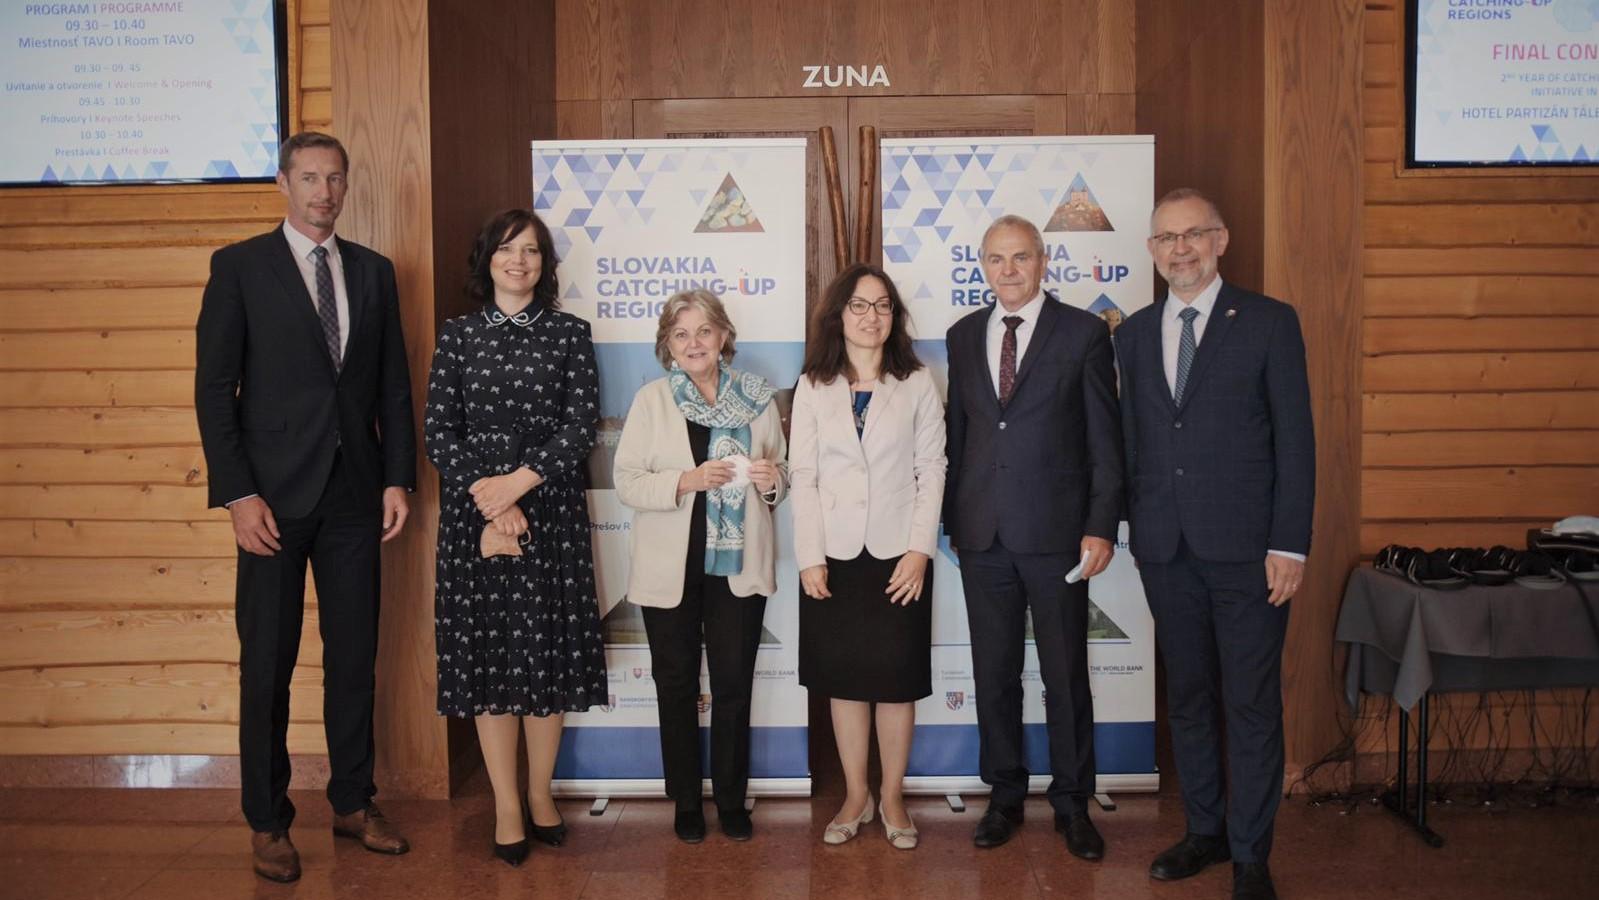 Iniciatíva Catching-up pomáha menej rozvinutým regiónom, ministerka Remišová pridáva peniaze na prípravu eurofondových projektov